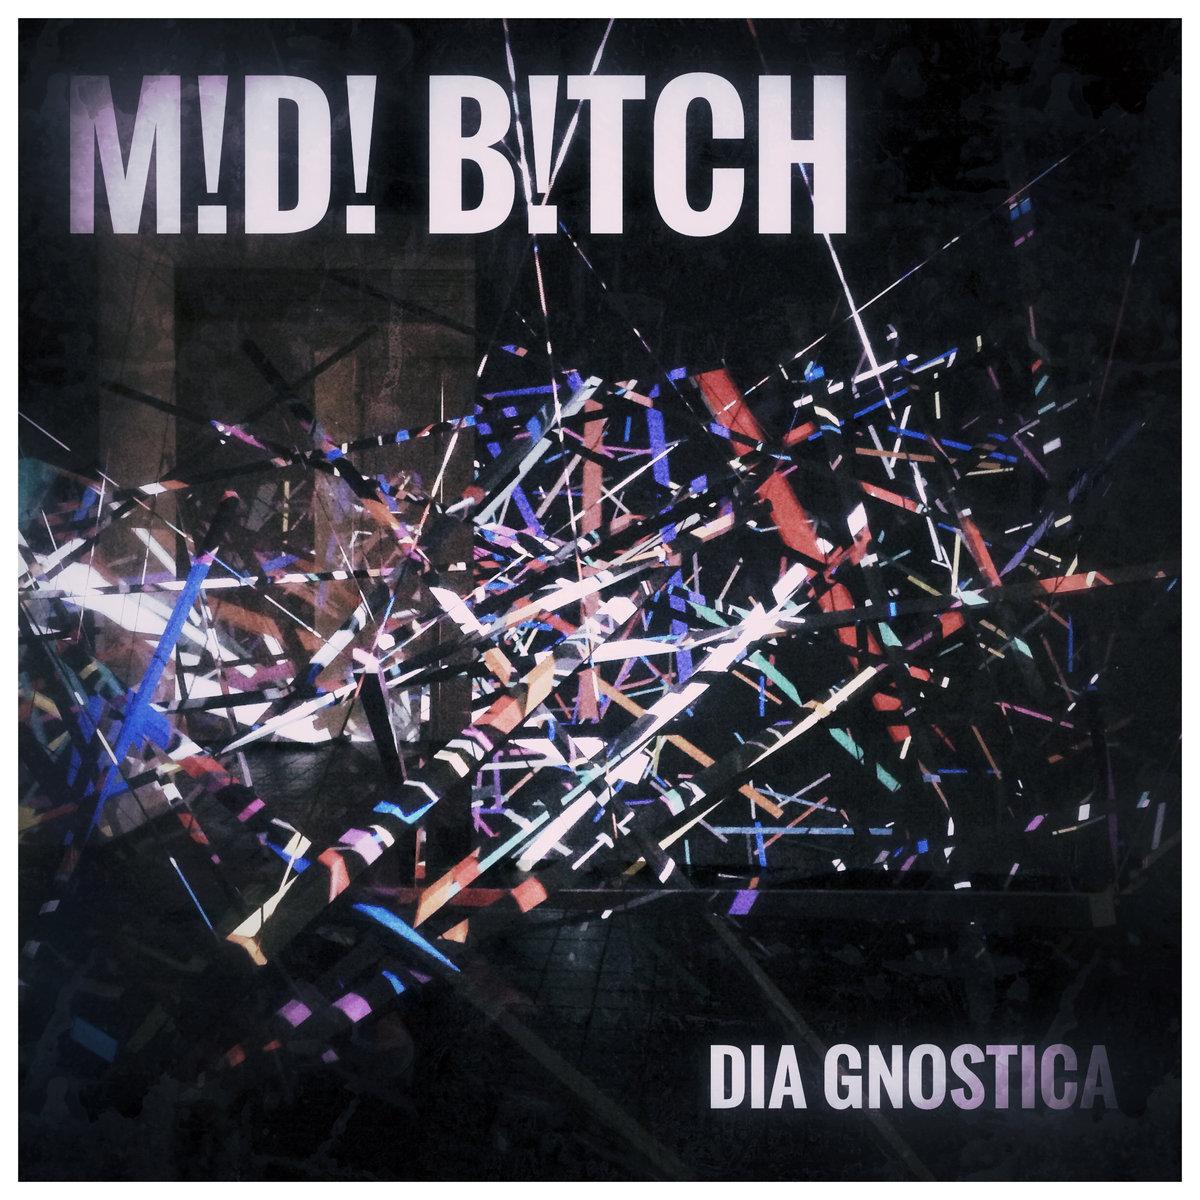 M!D! B!TCH - DIA GNOSTICA